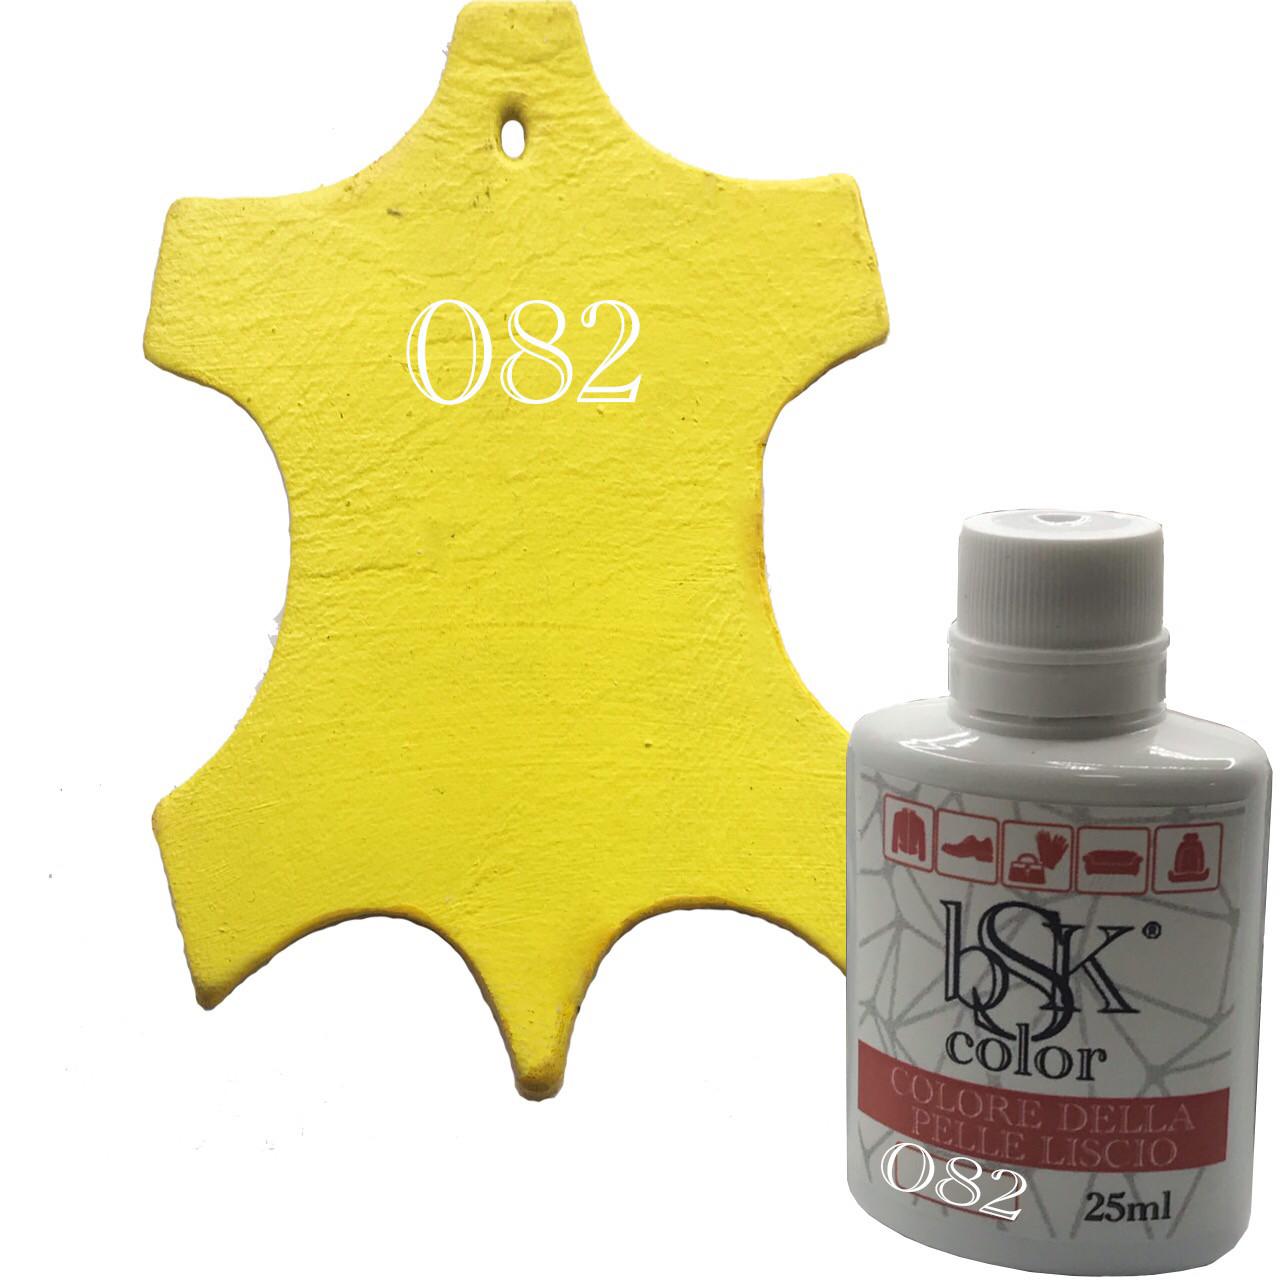 Краска для кожи bsk-color 25ml , цв.№082 лимонный